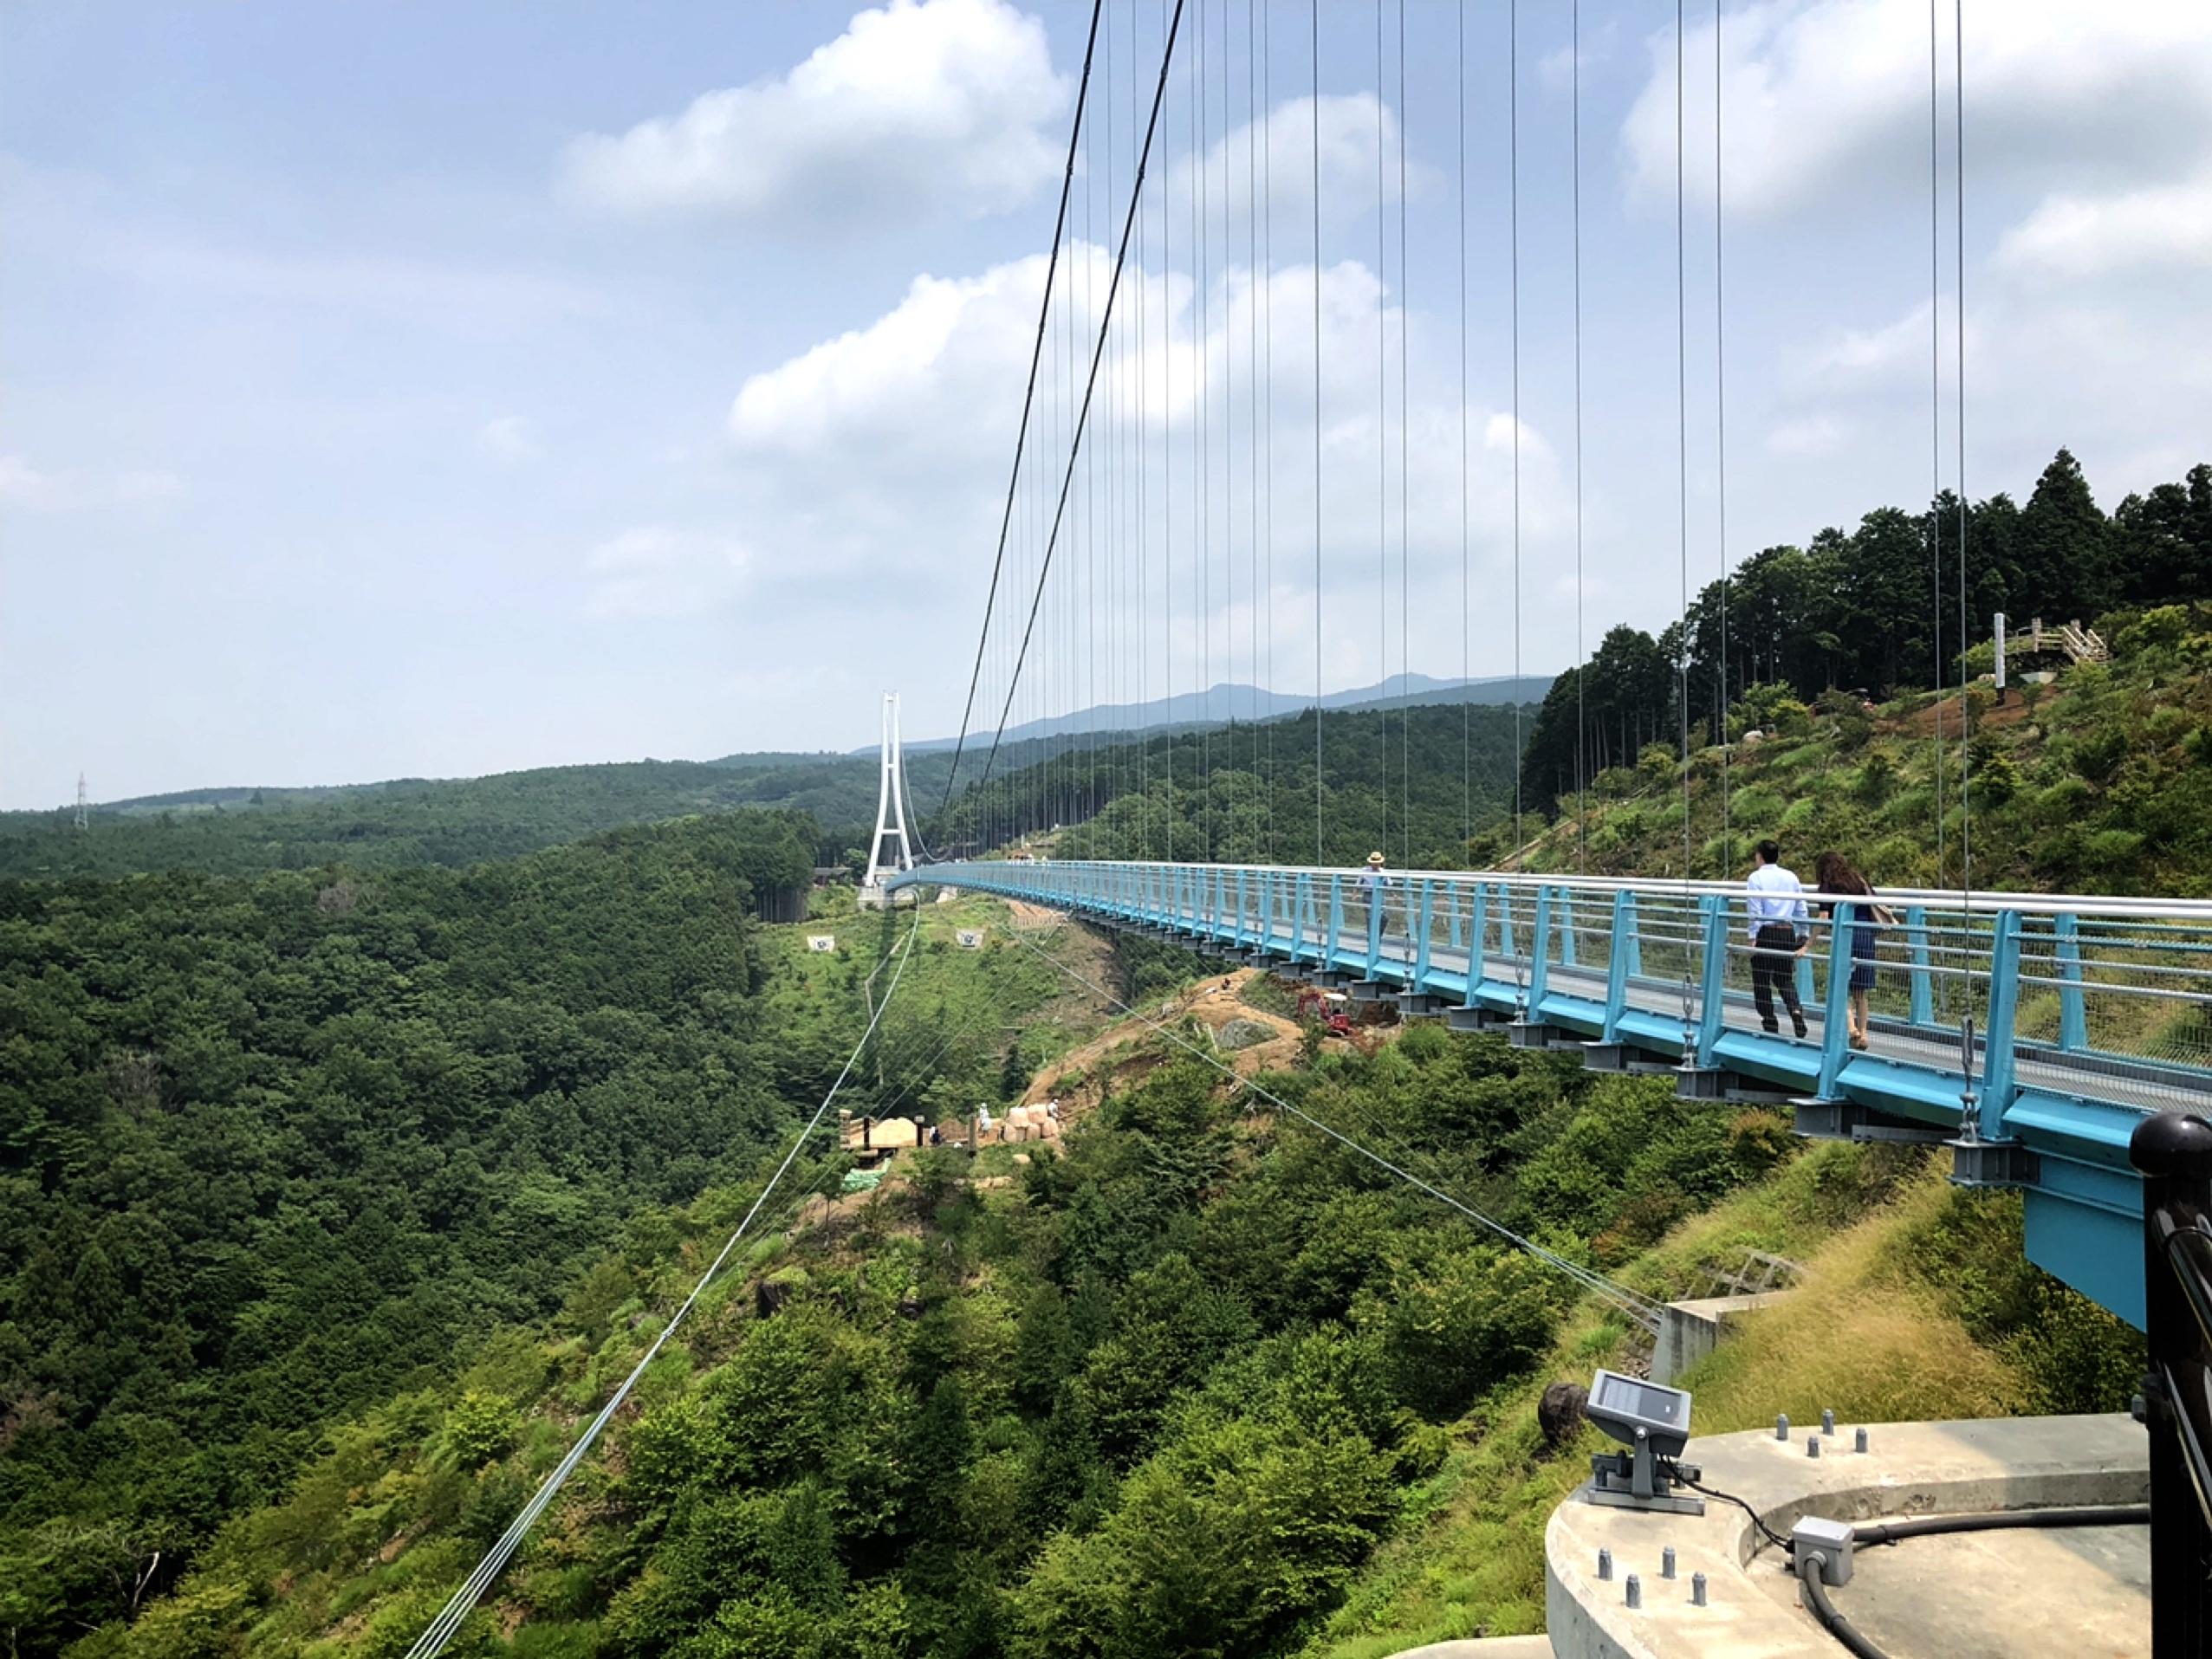 【静岡・三島】箱根のすぐ近く♩日本一長い吊り橋「三島スカイウォーク」に行ってきました!_2